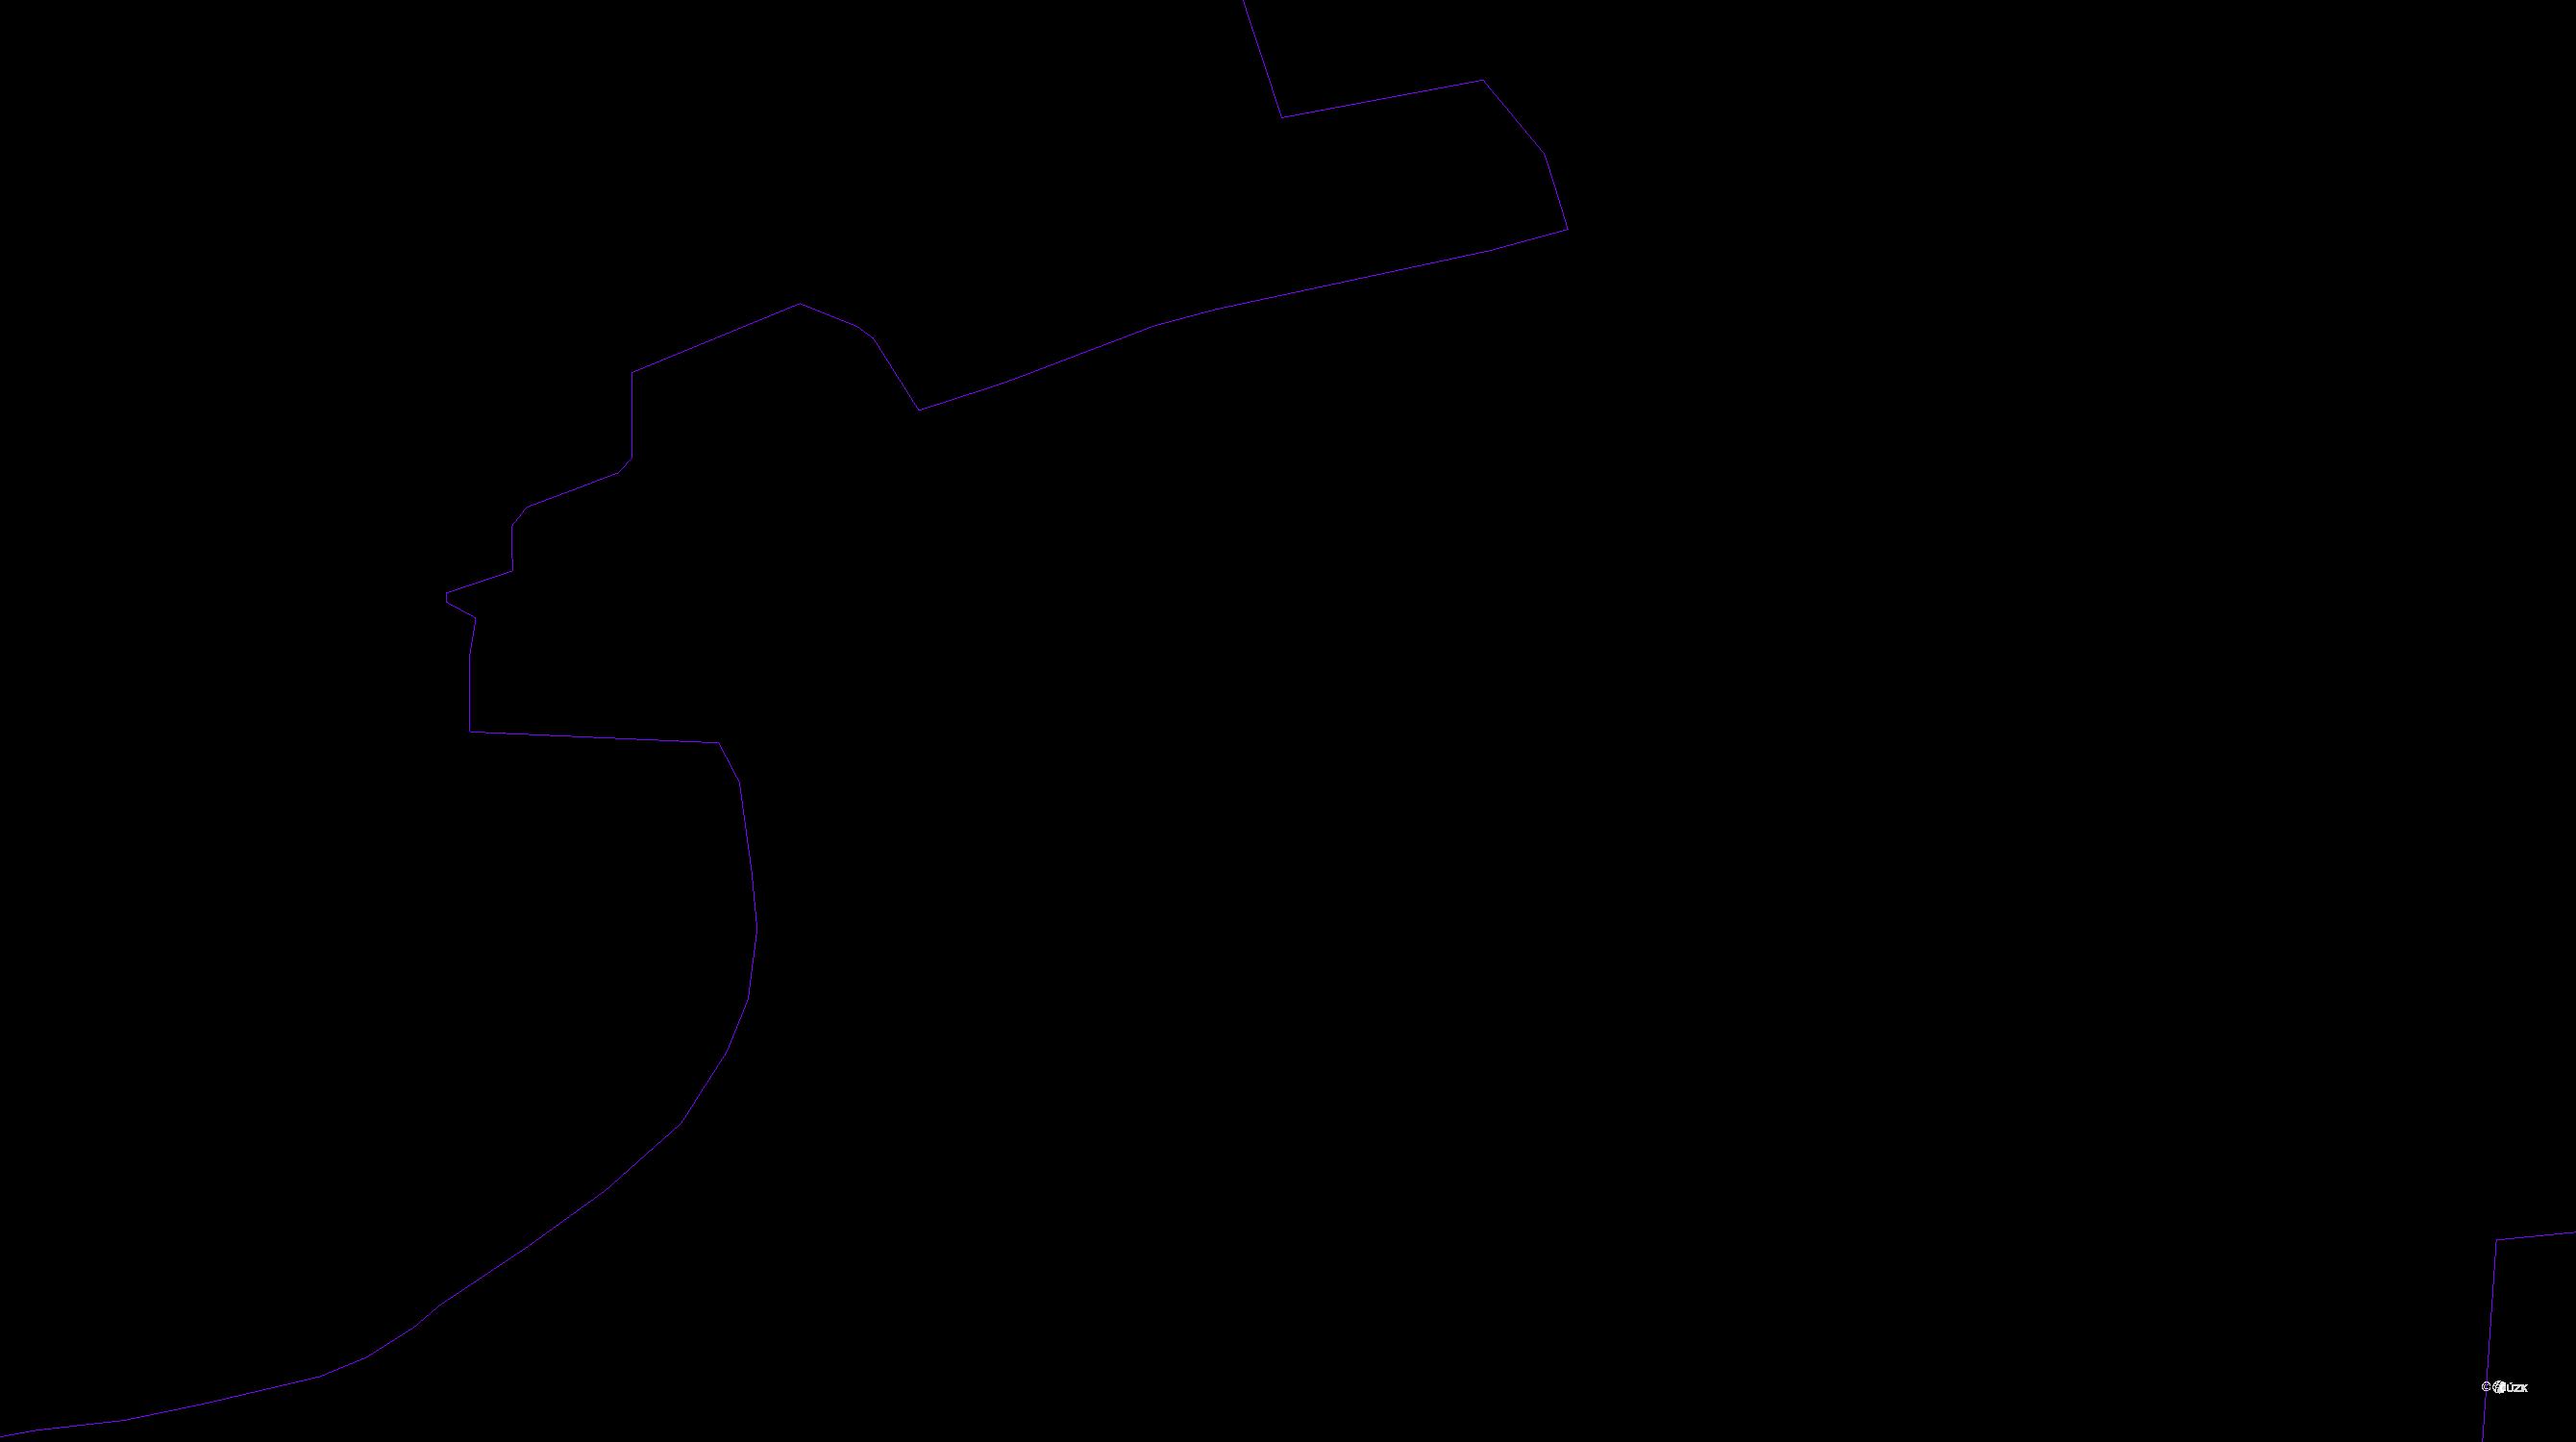 Katastrální mapa pozemků a čísla parcel Mrchojedy